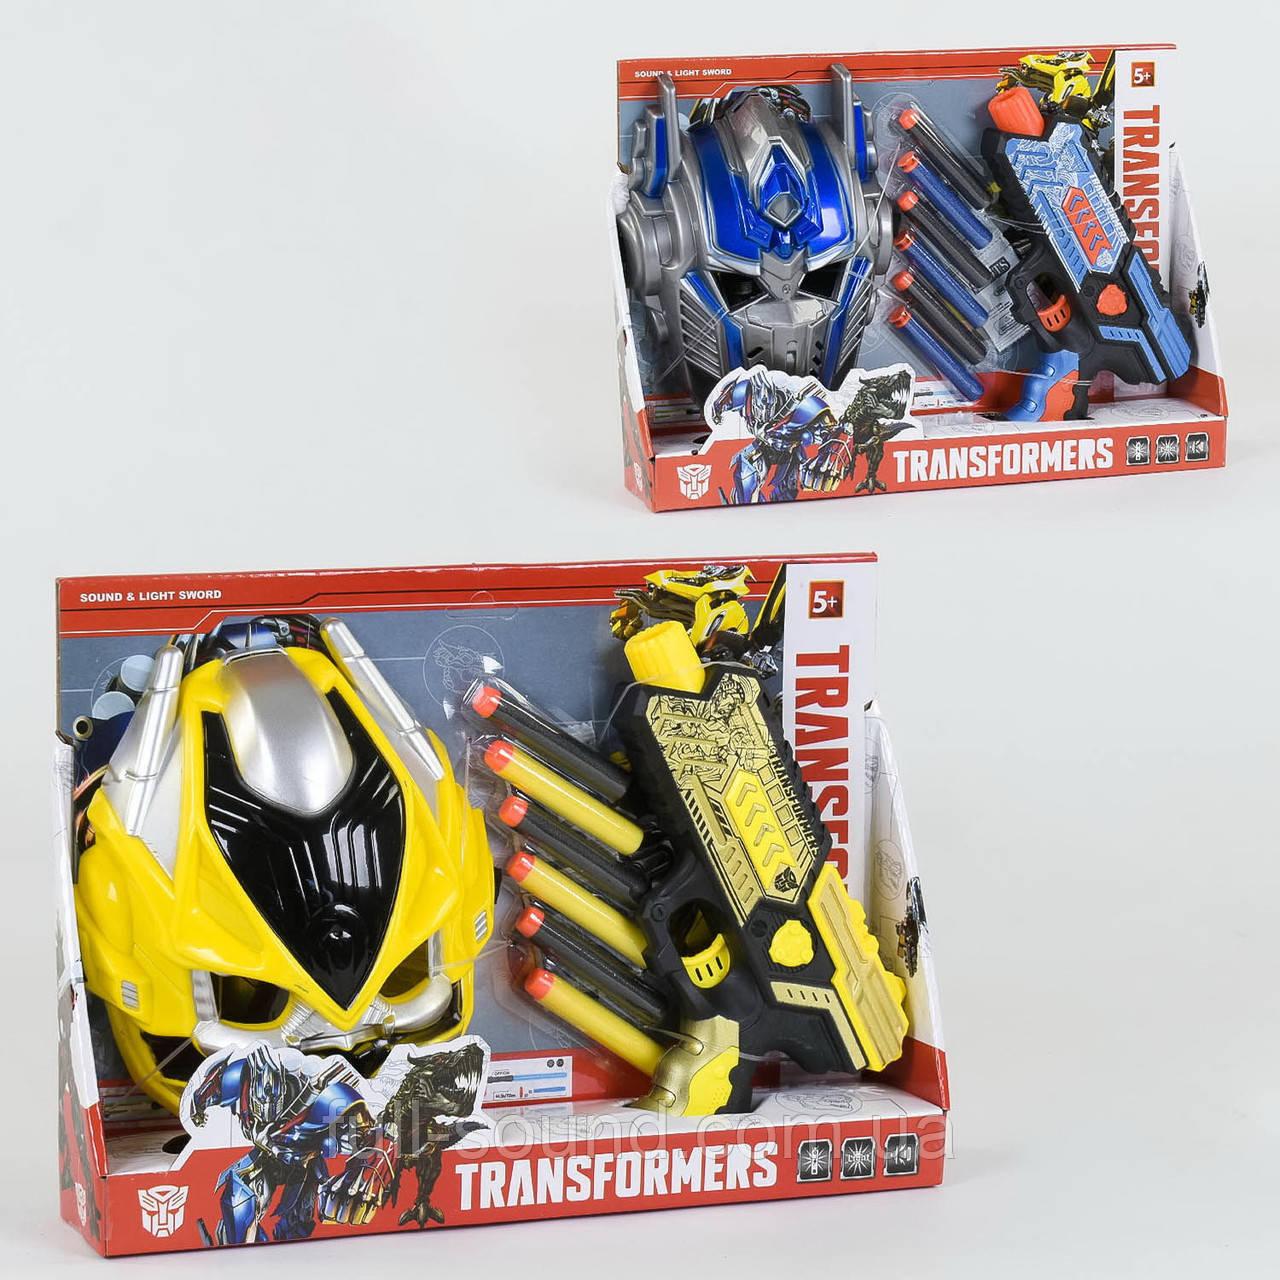 Игровой набор пистолет с маской transformers